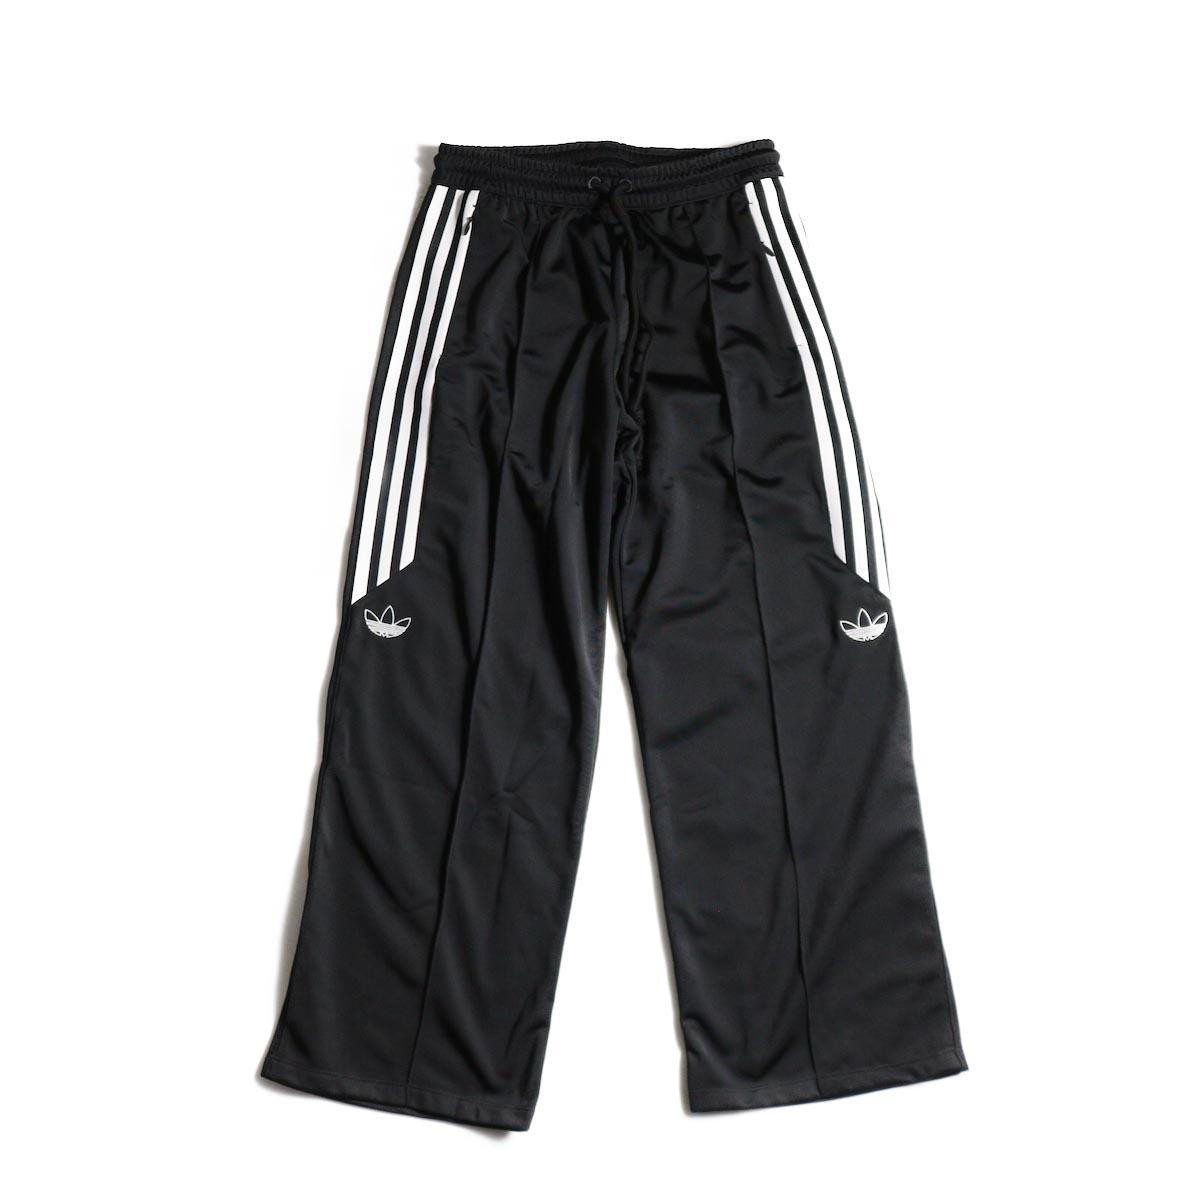 【Ladie's】adidas / Track Pants